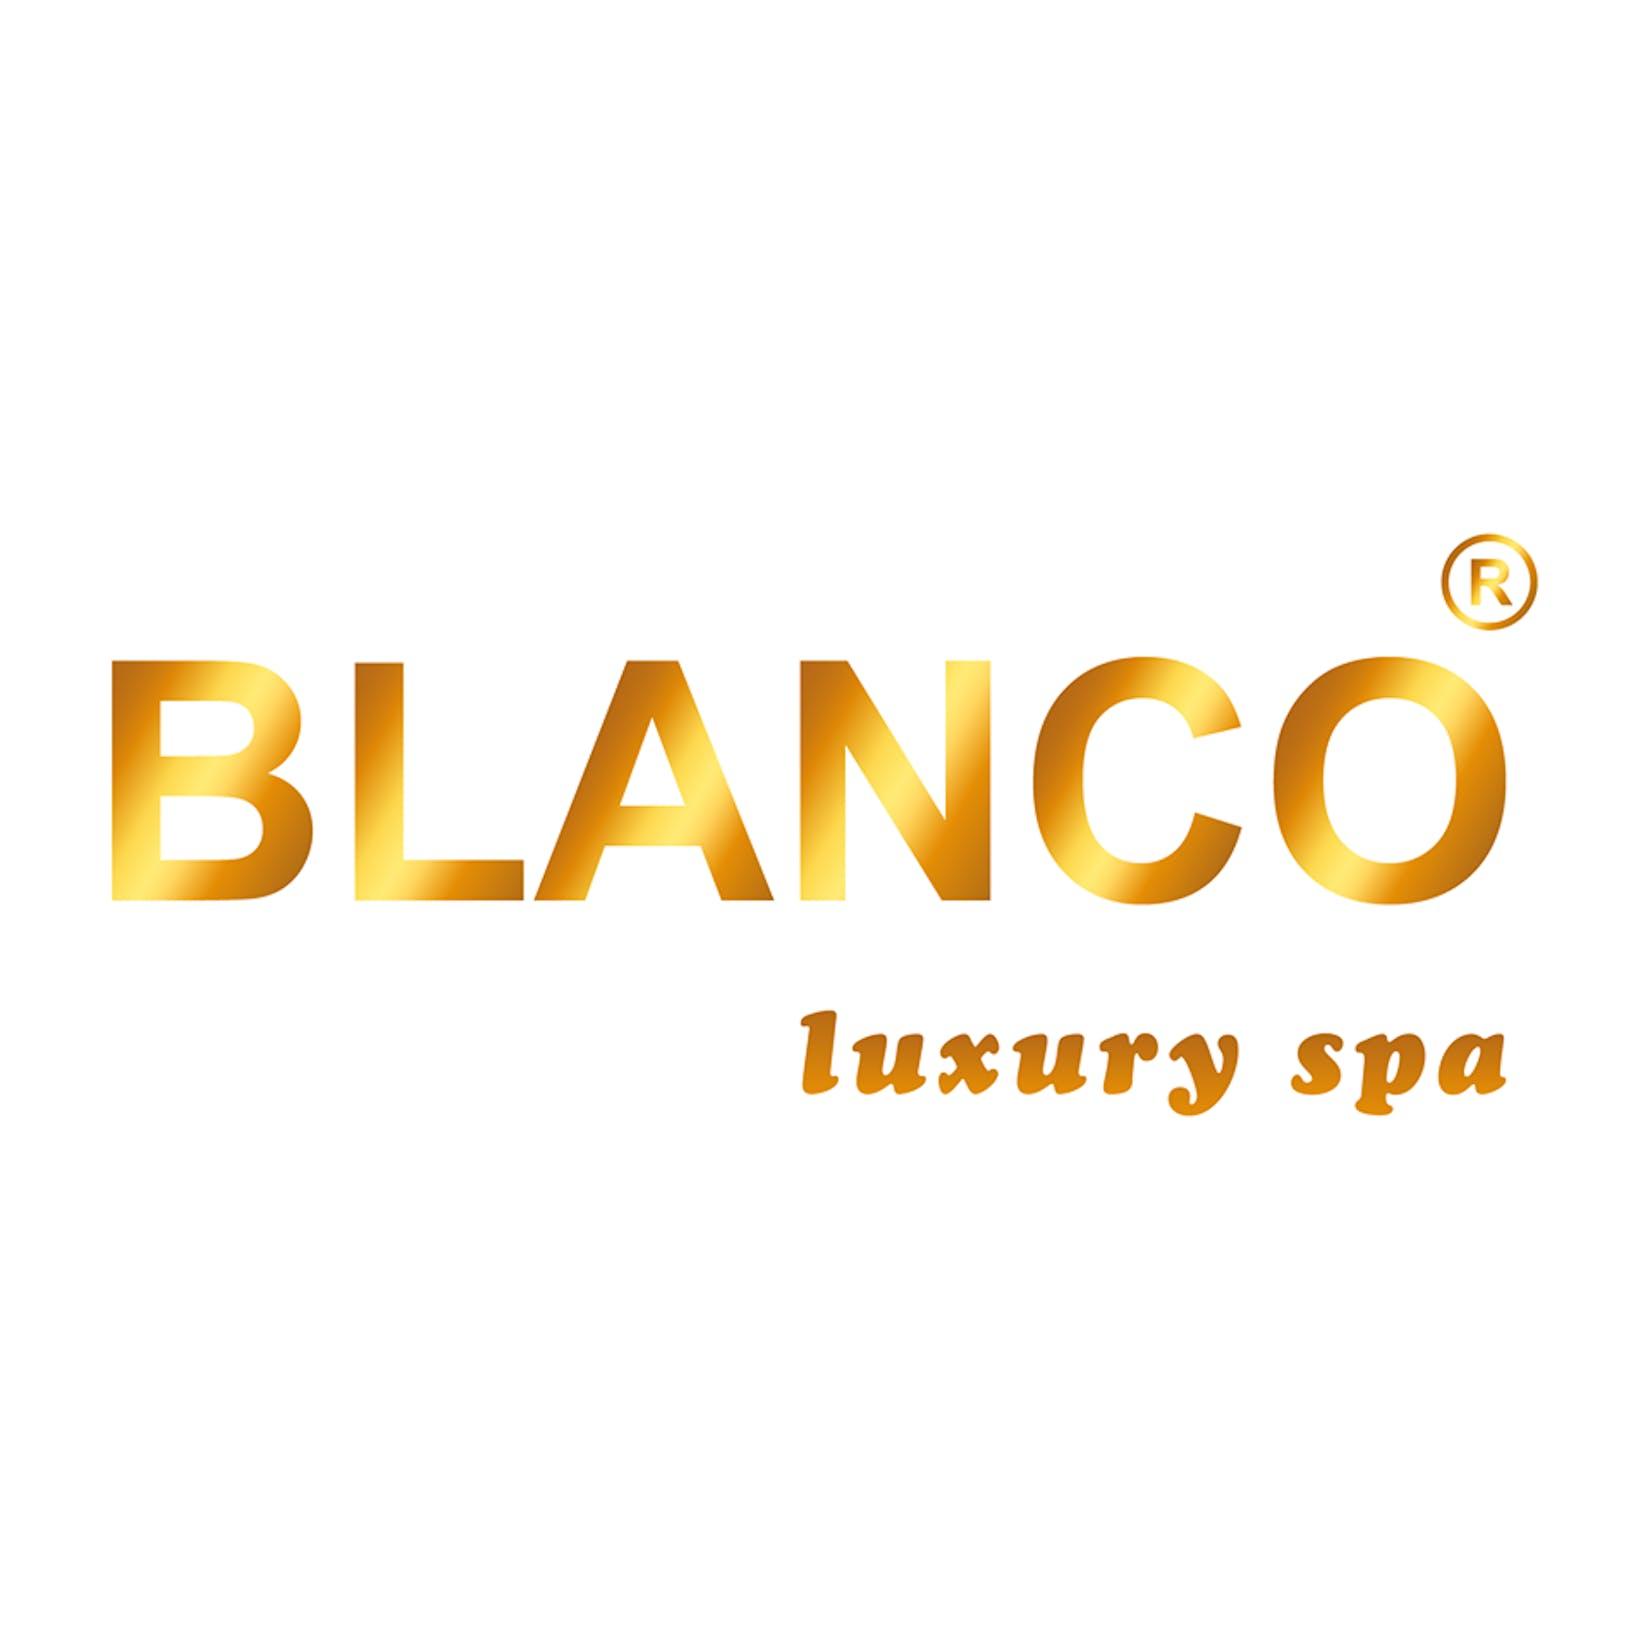 Blanco Luxury Spa | Beauty